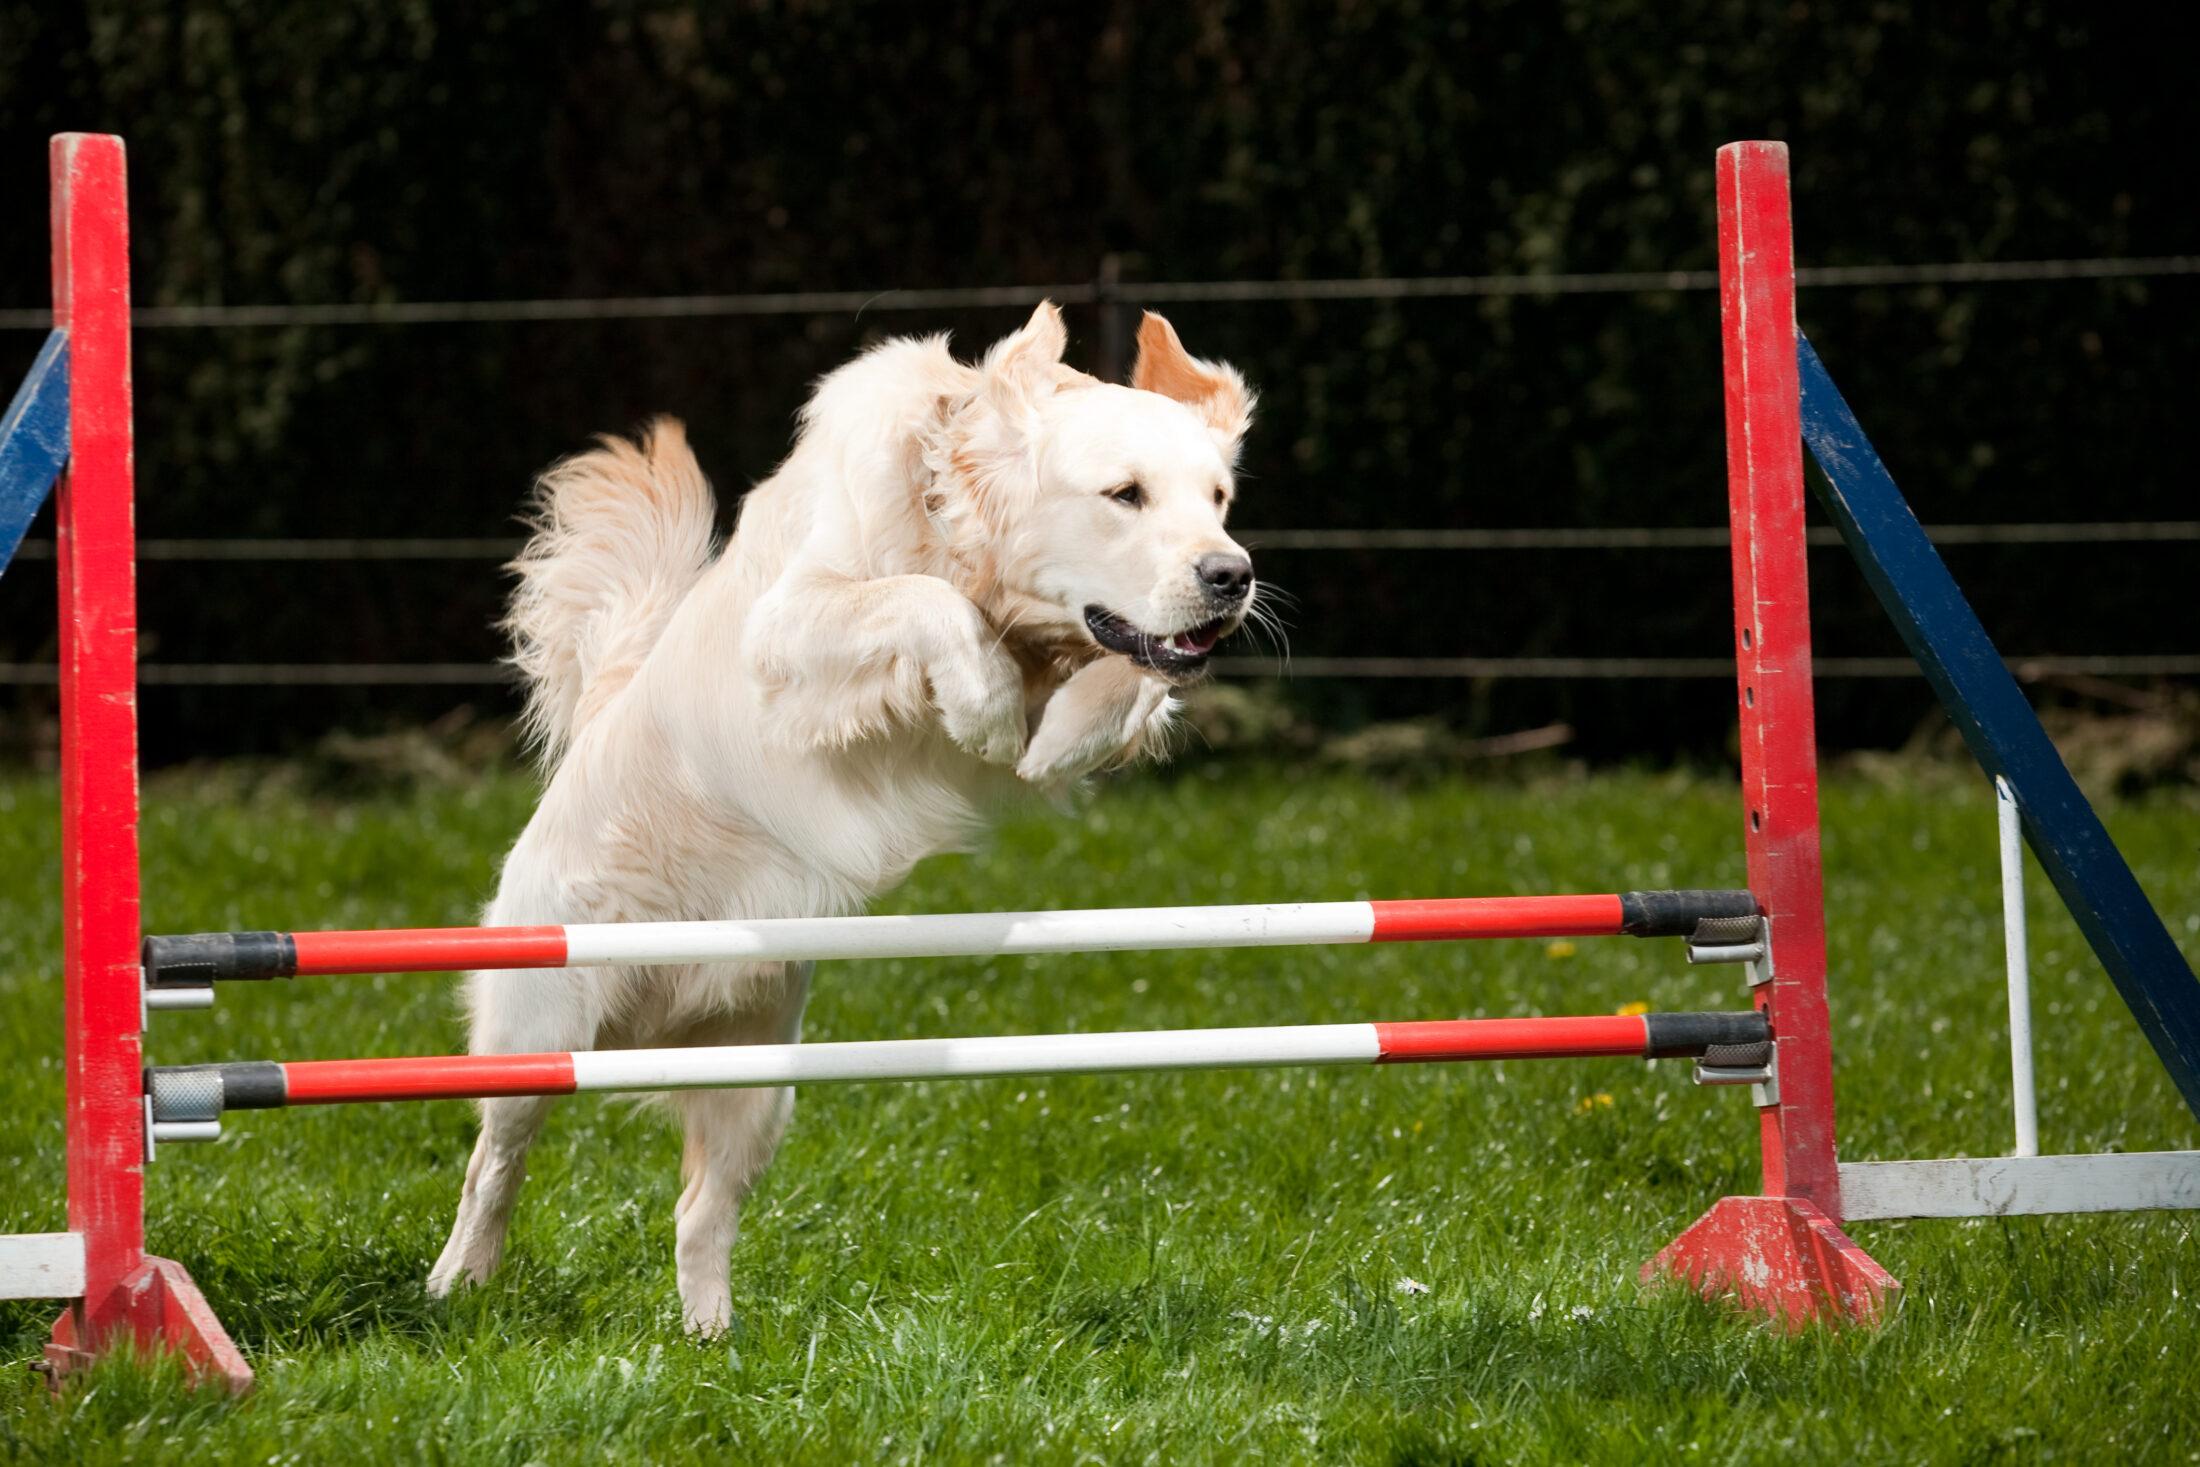 cachorros pulando obstáculos em treinamento